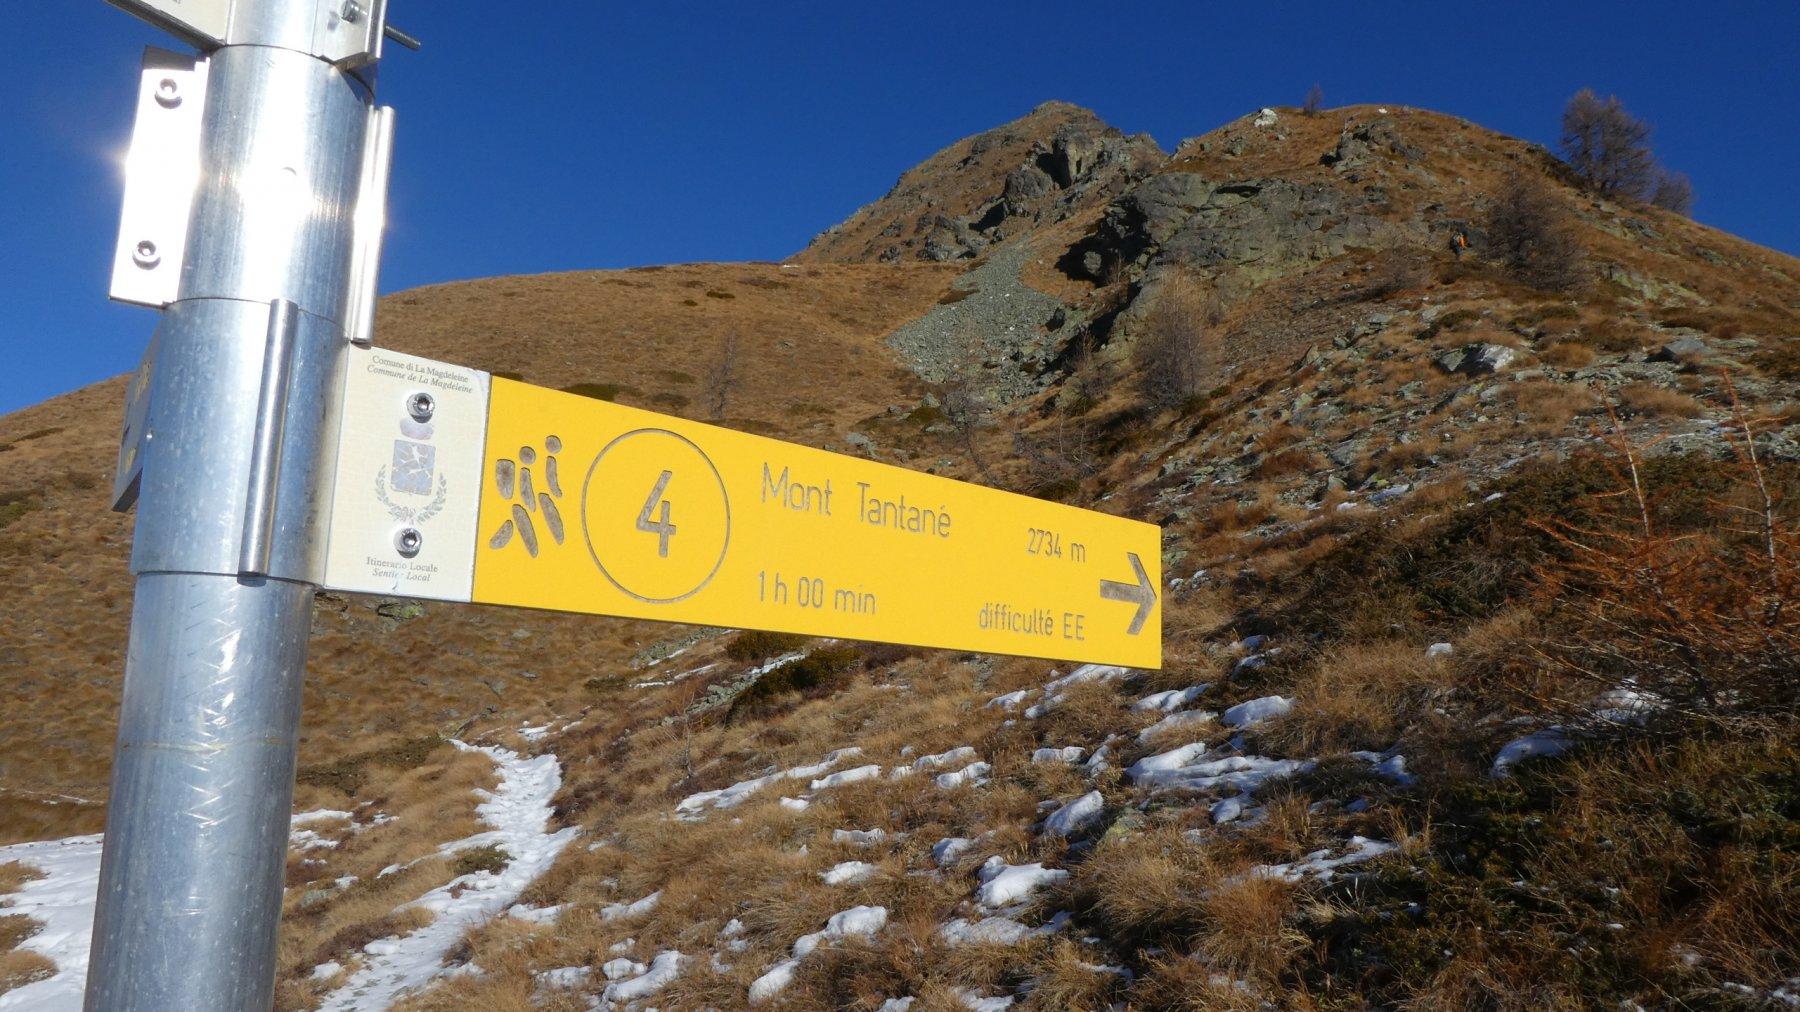 ultimo bivio prima di salire verso la cima, indicazioni ottime e sentiero sempre ottimamente segnalato!